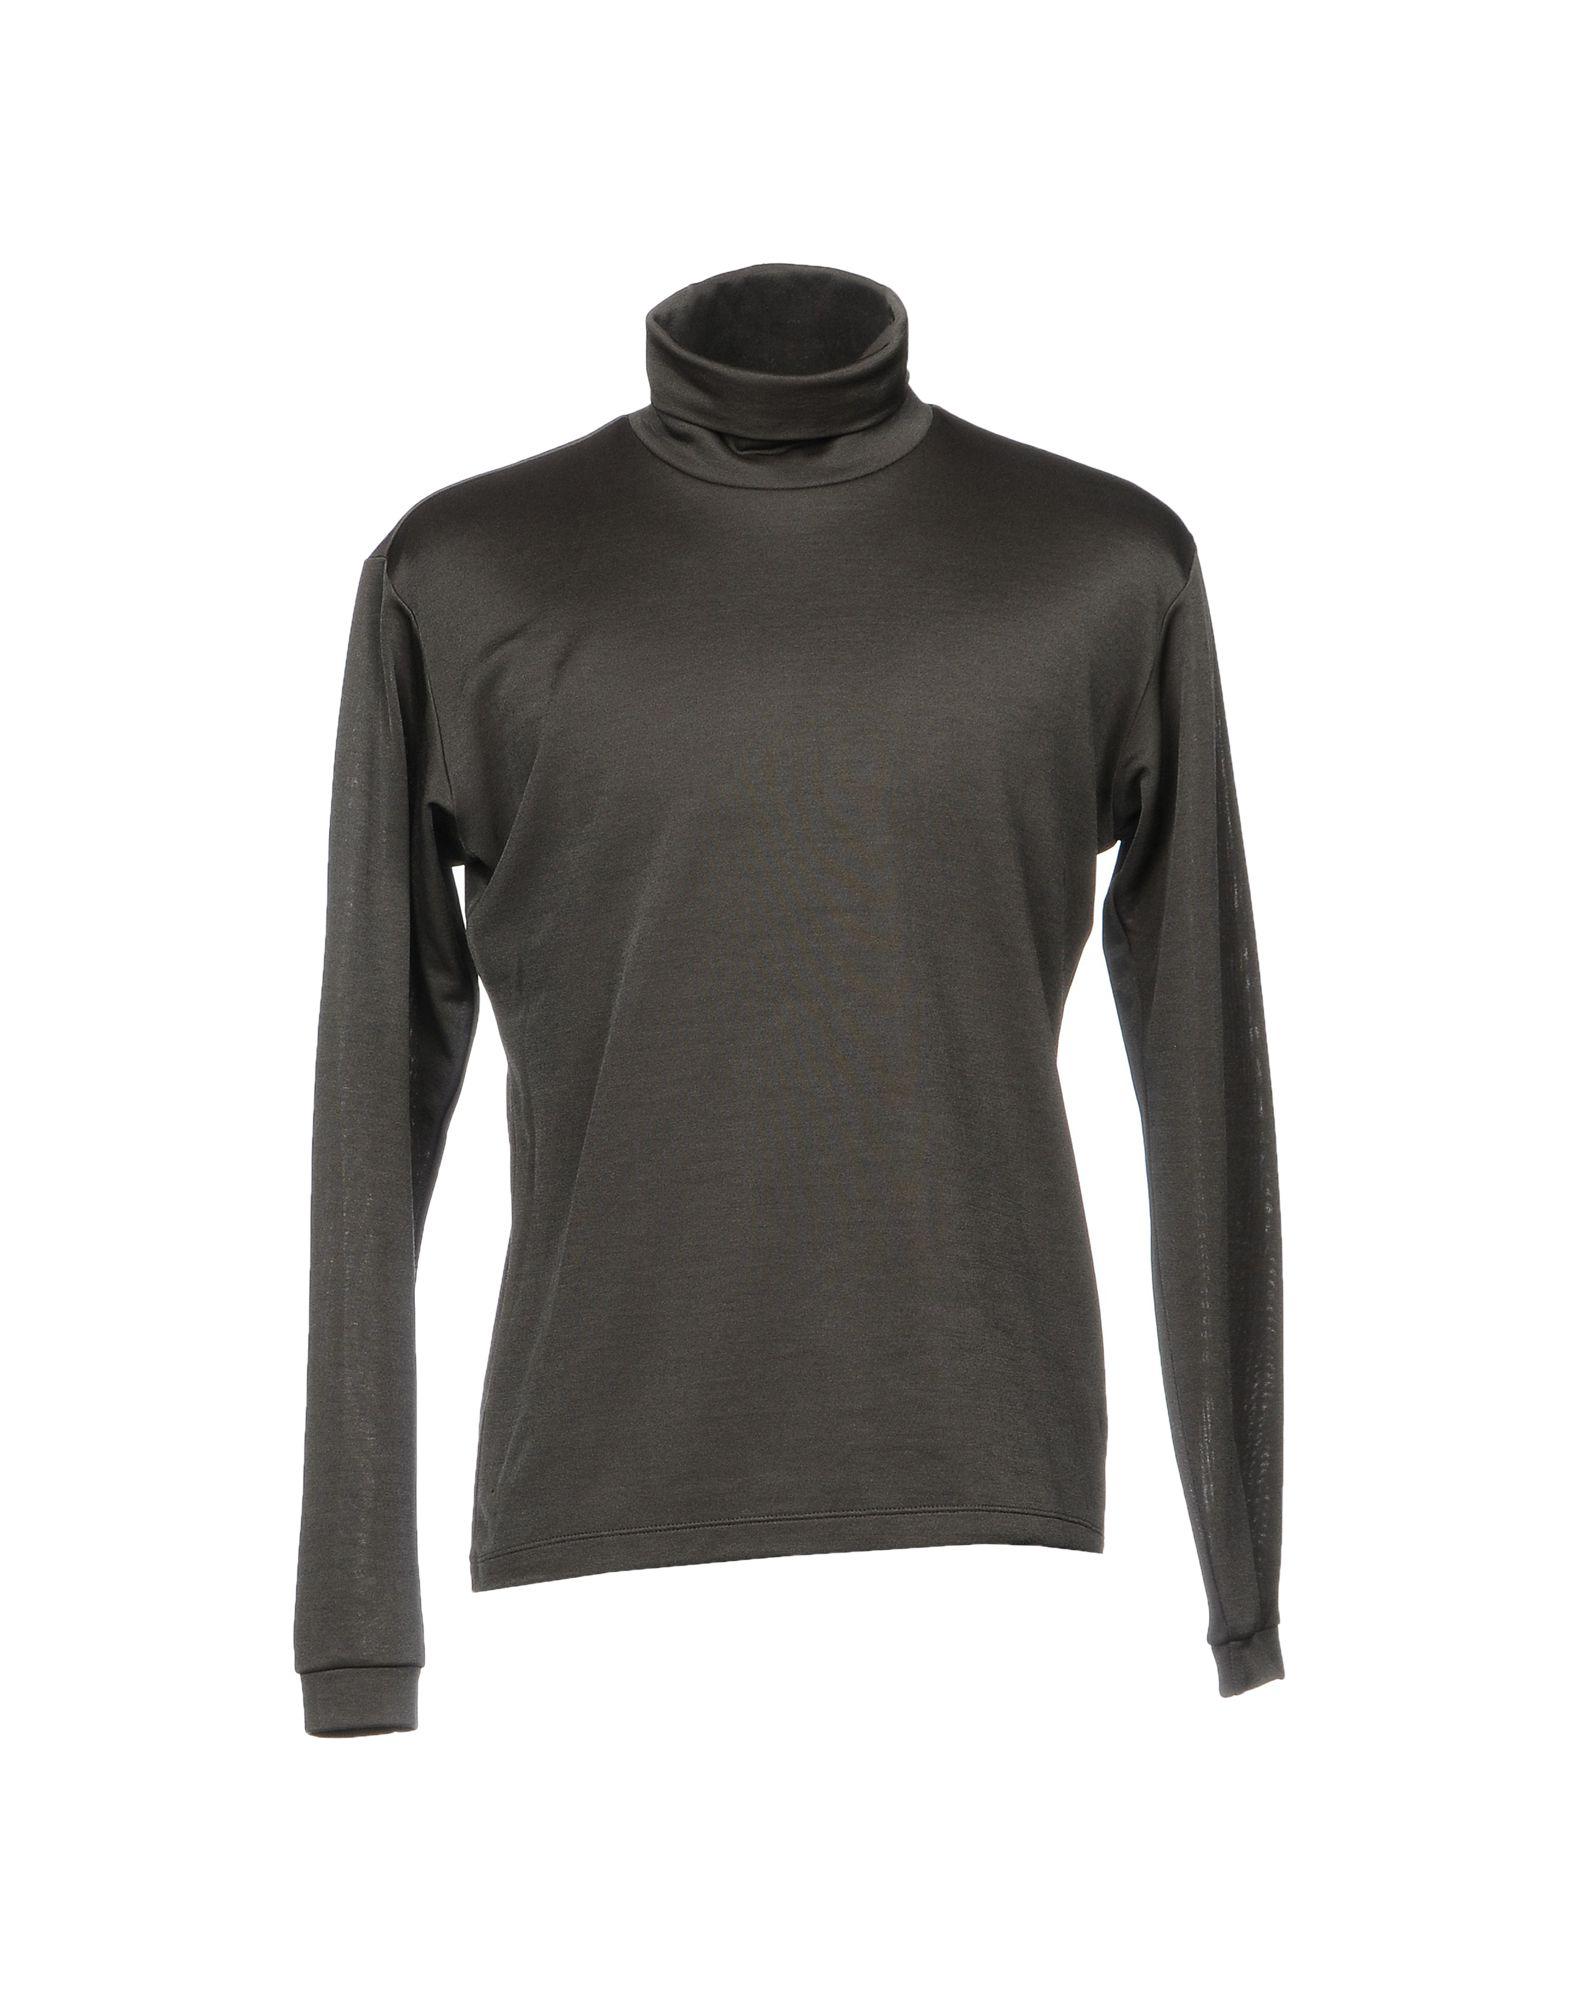 T-Shirt Issey 12096730MB Miyake Uomo Uomo - 12096730MB Issey 31b2a5